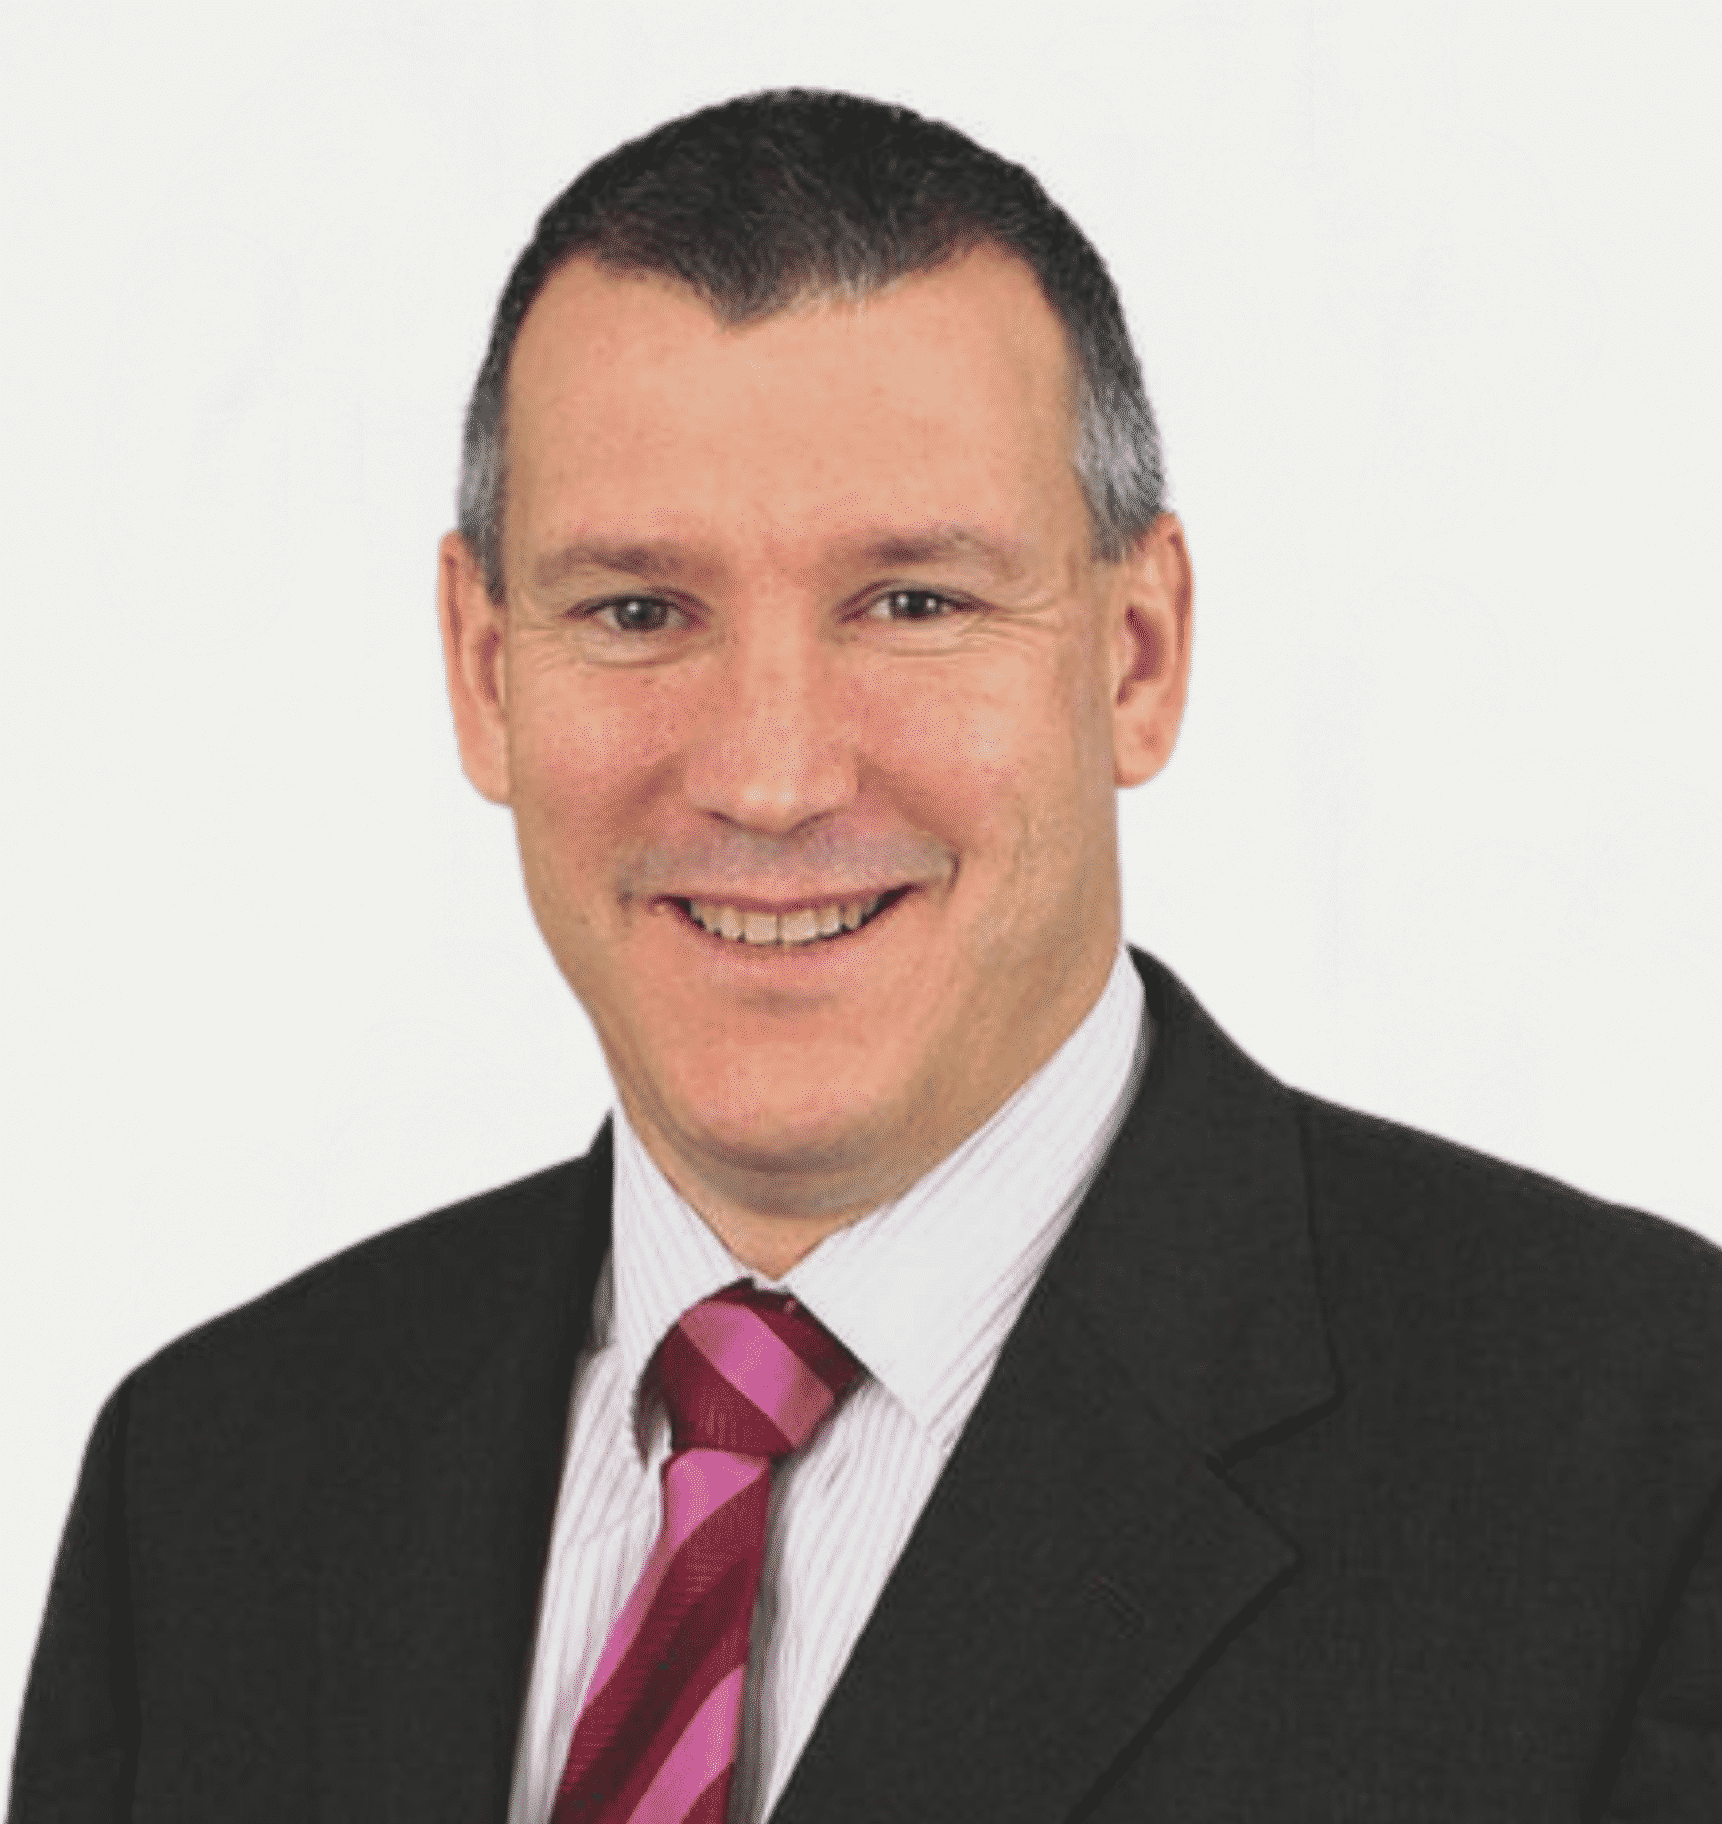 Tony Morganti Independent Non-Executive Director - Rubicon Water